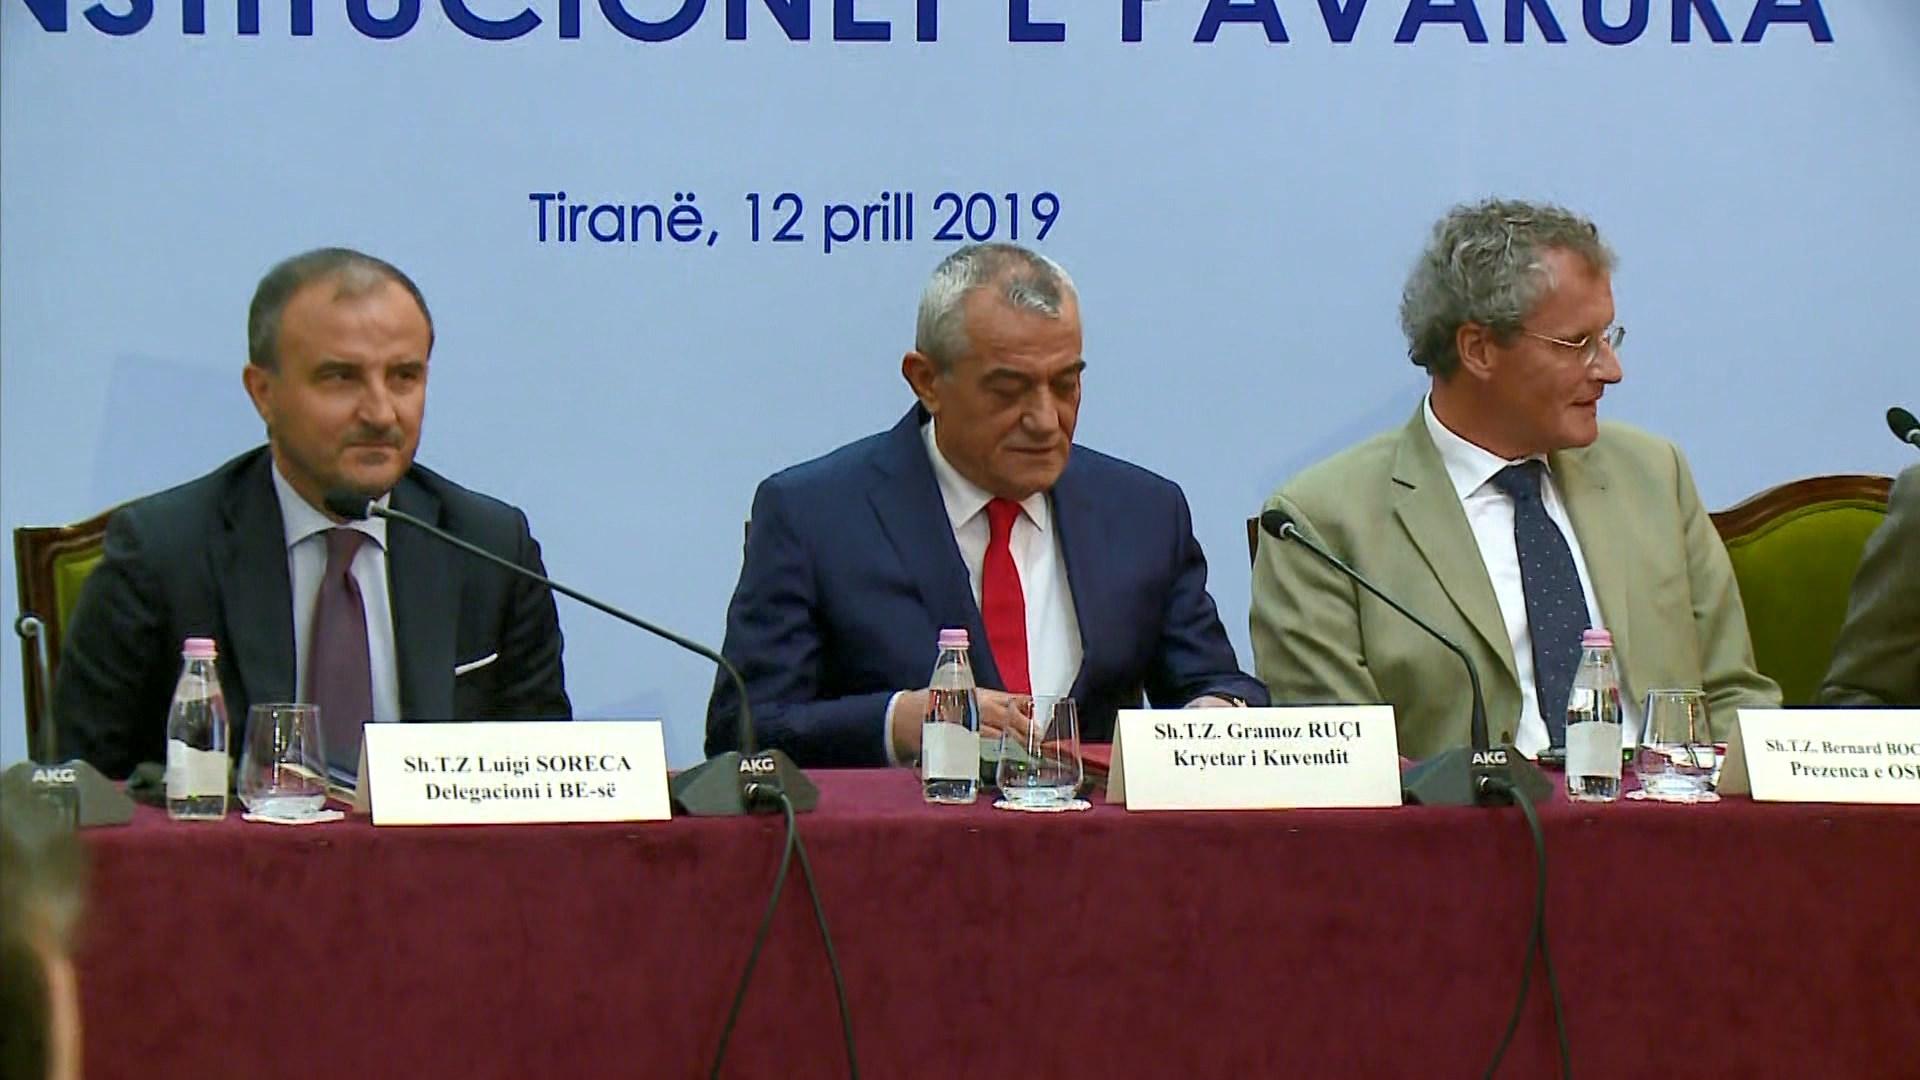 21 institucione të pavarura përballë Kuvendit, Ruçi: 16 s'kanë bërë raportimin